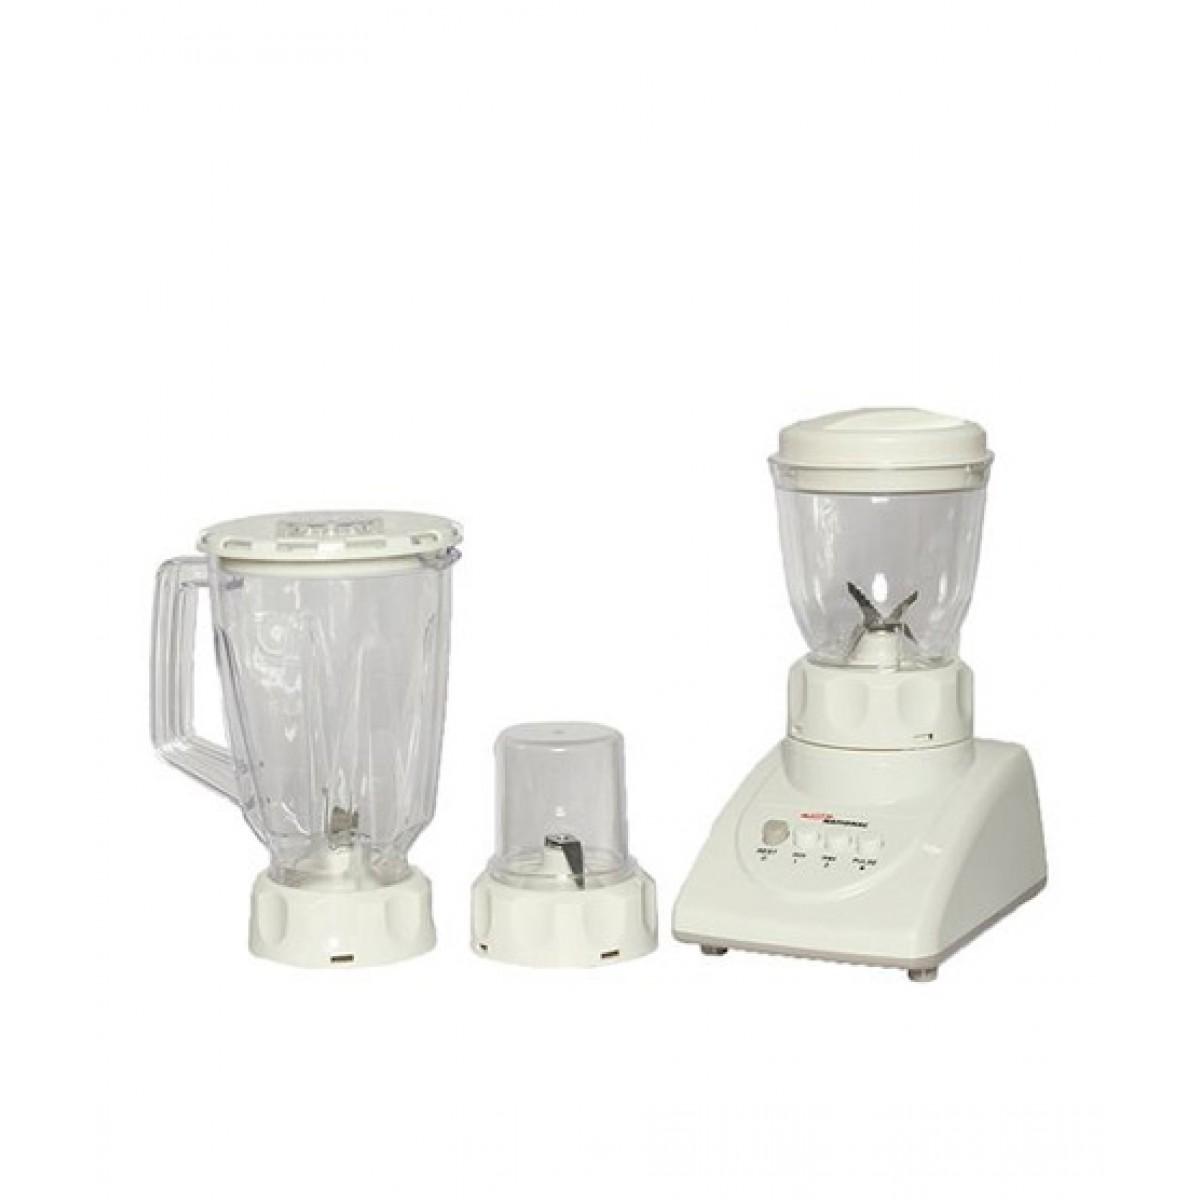 Gaba National Blender & Grinder 3 IN 1 (GN-2837)